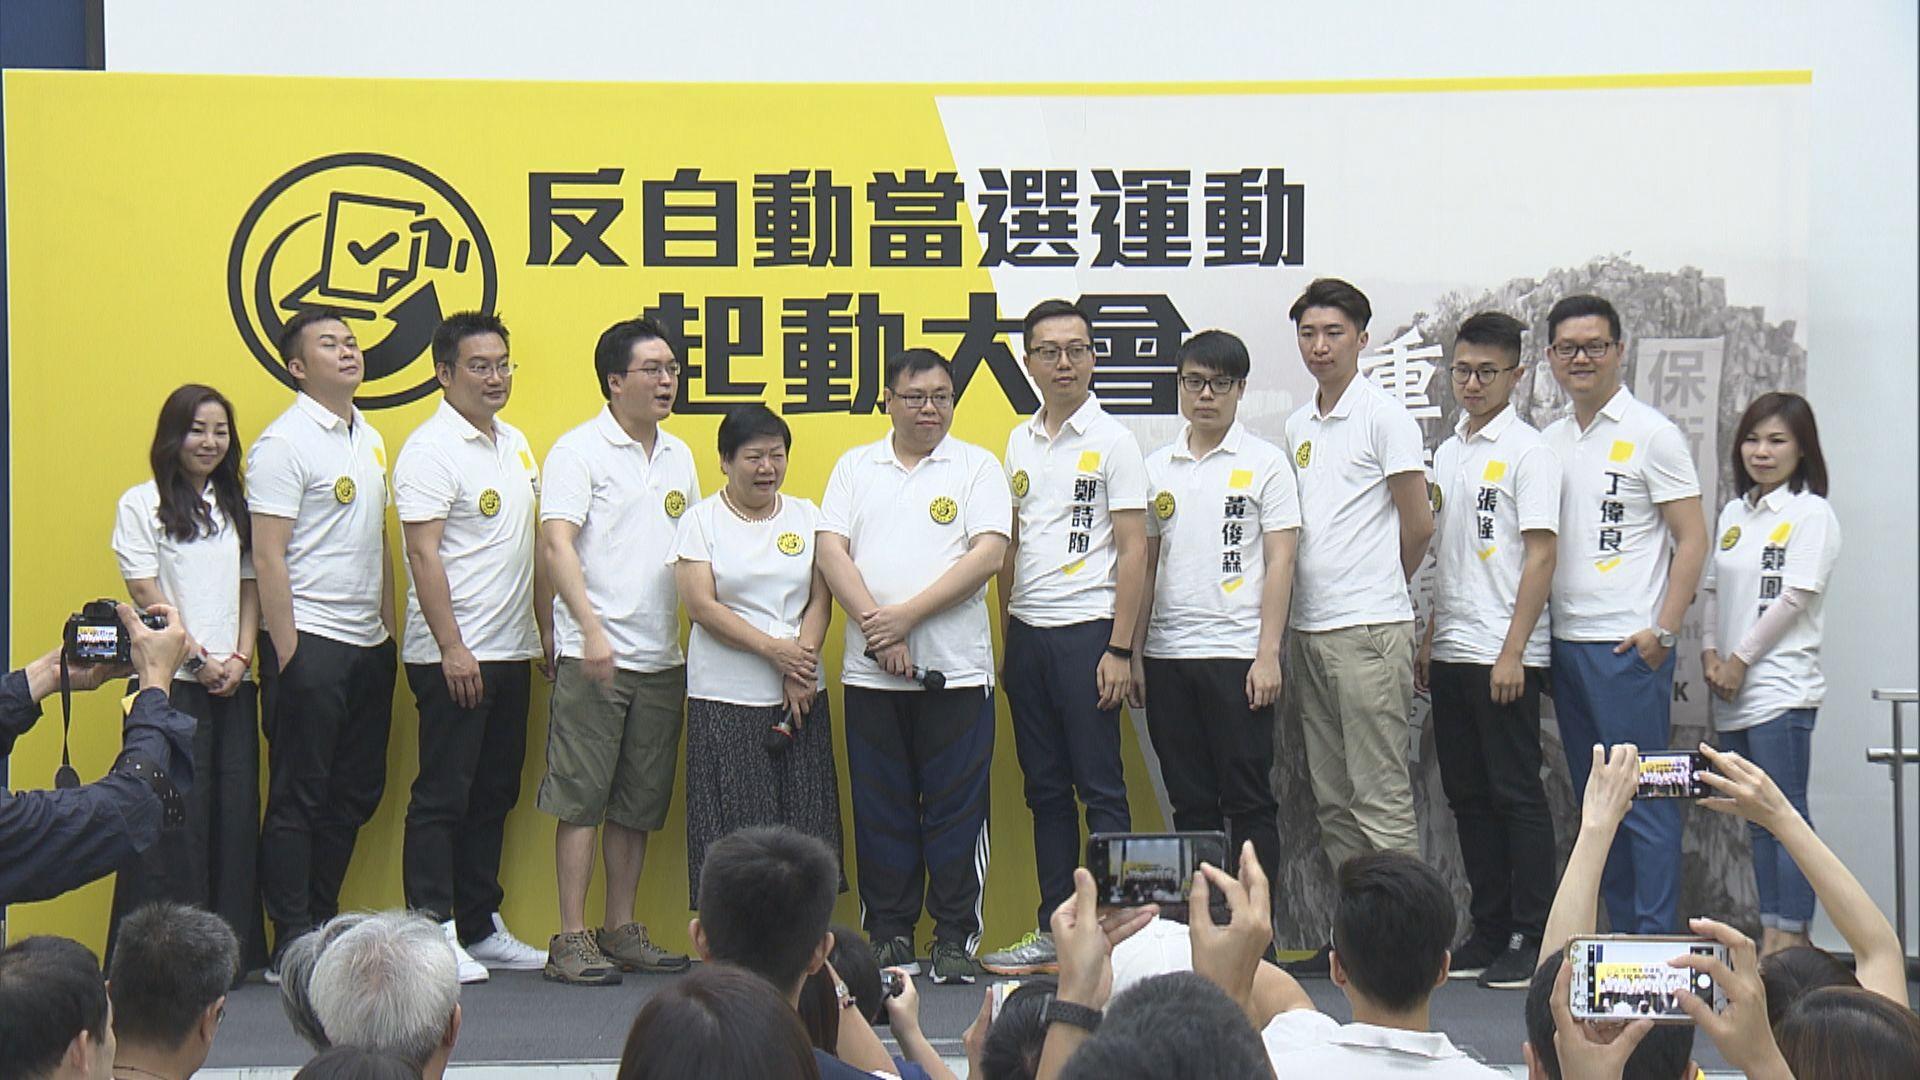 譚香文組9人擬選區選 阻建制自動當選